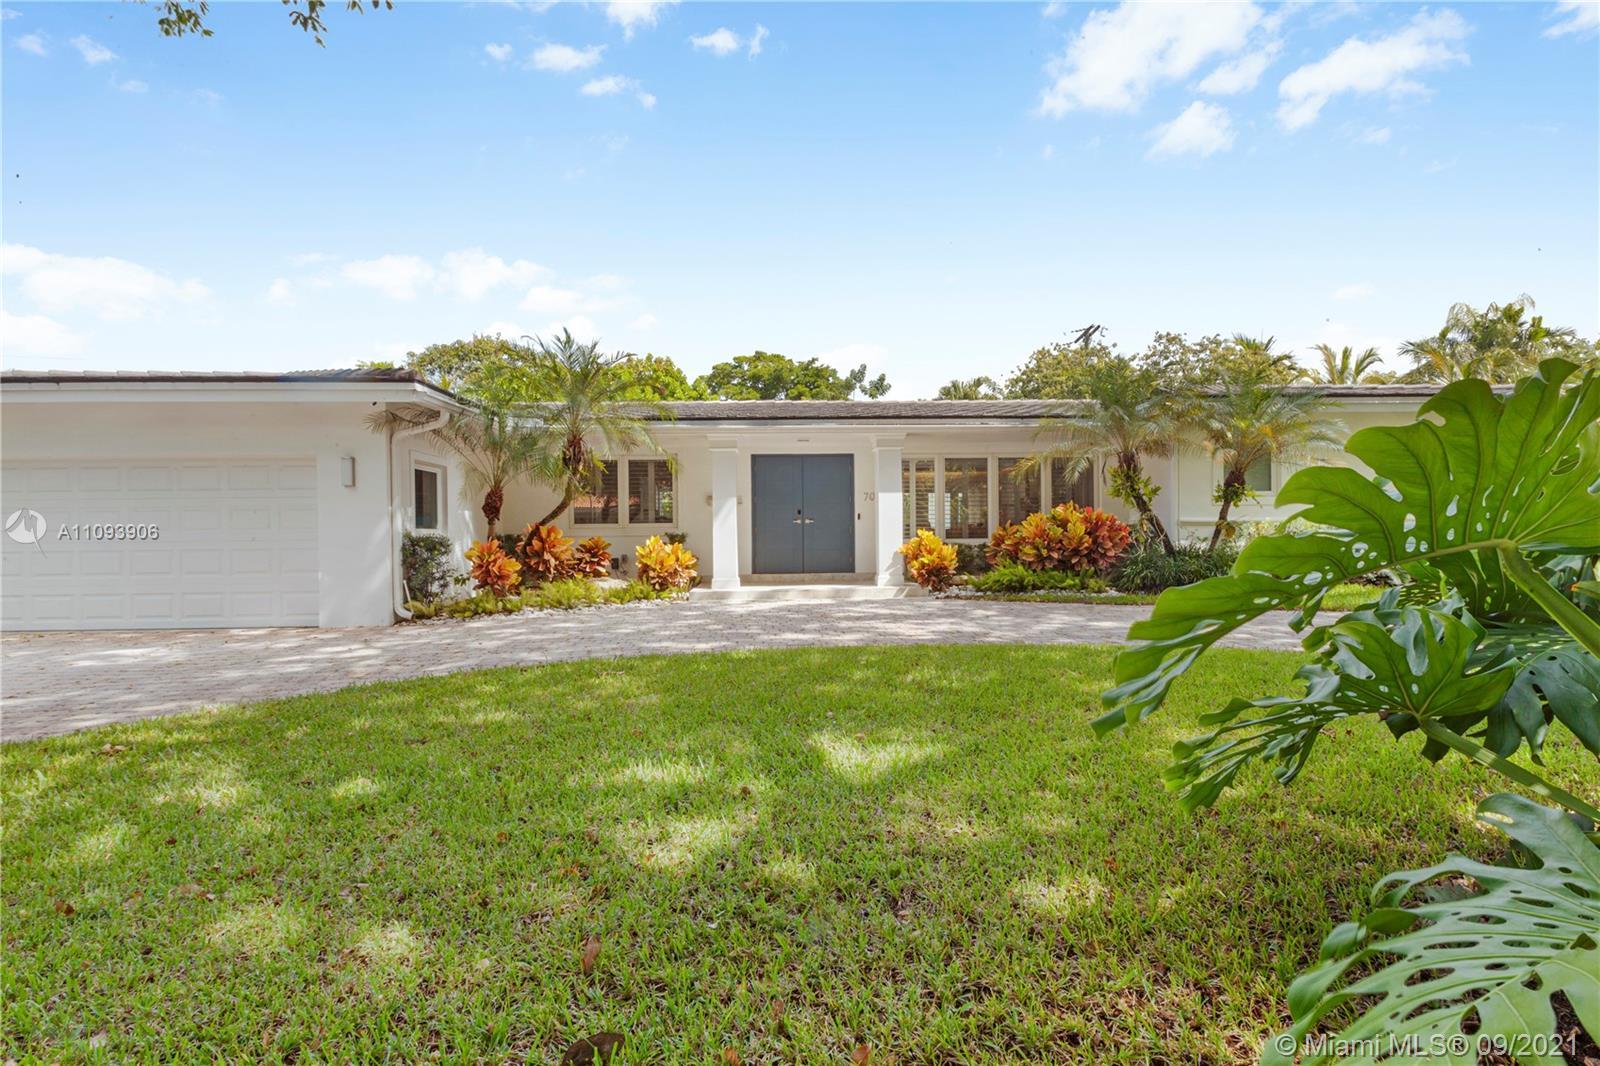 701  Coronado Ave  For Sale A11093906, FL